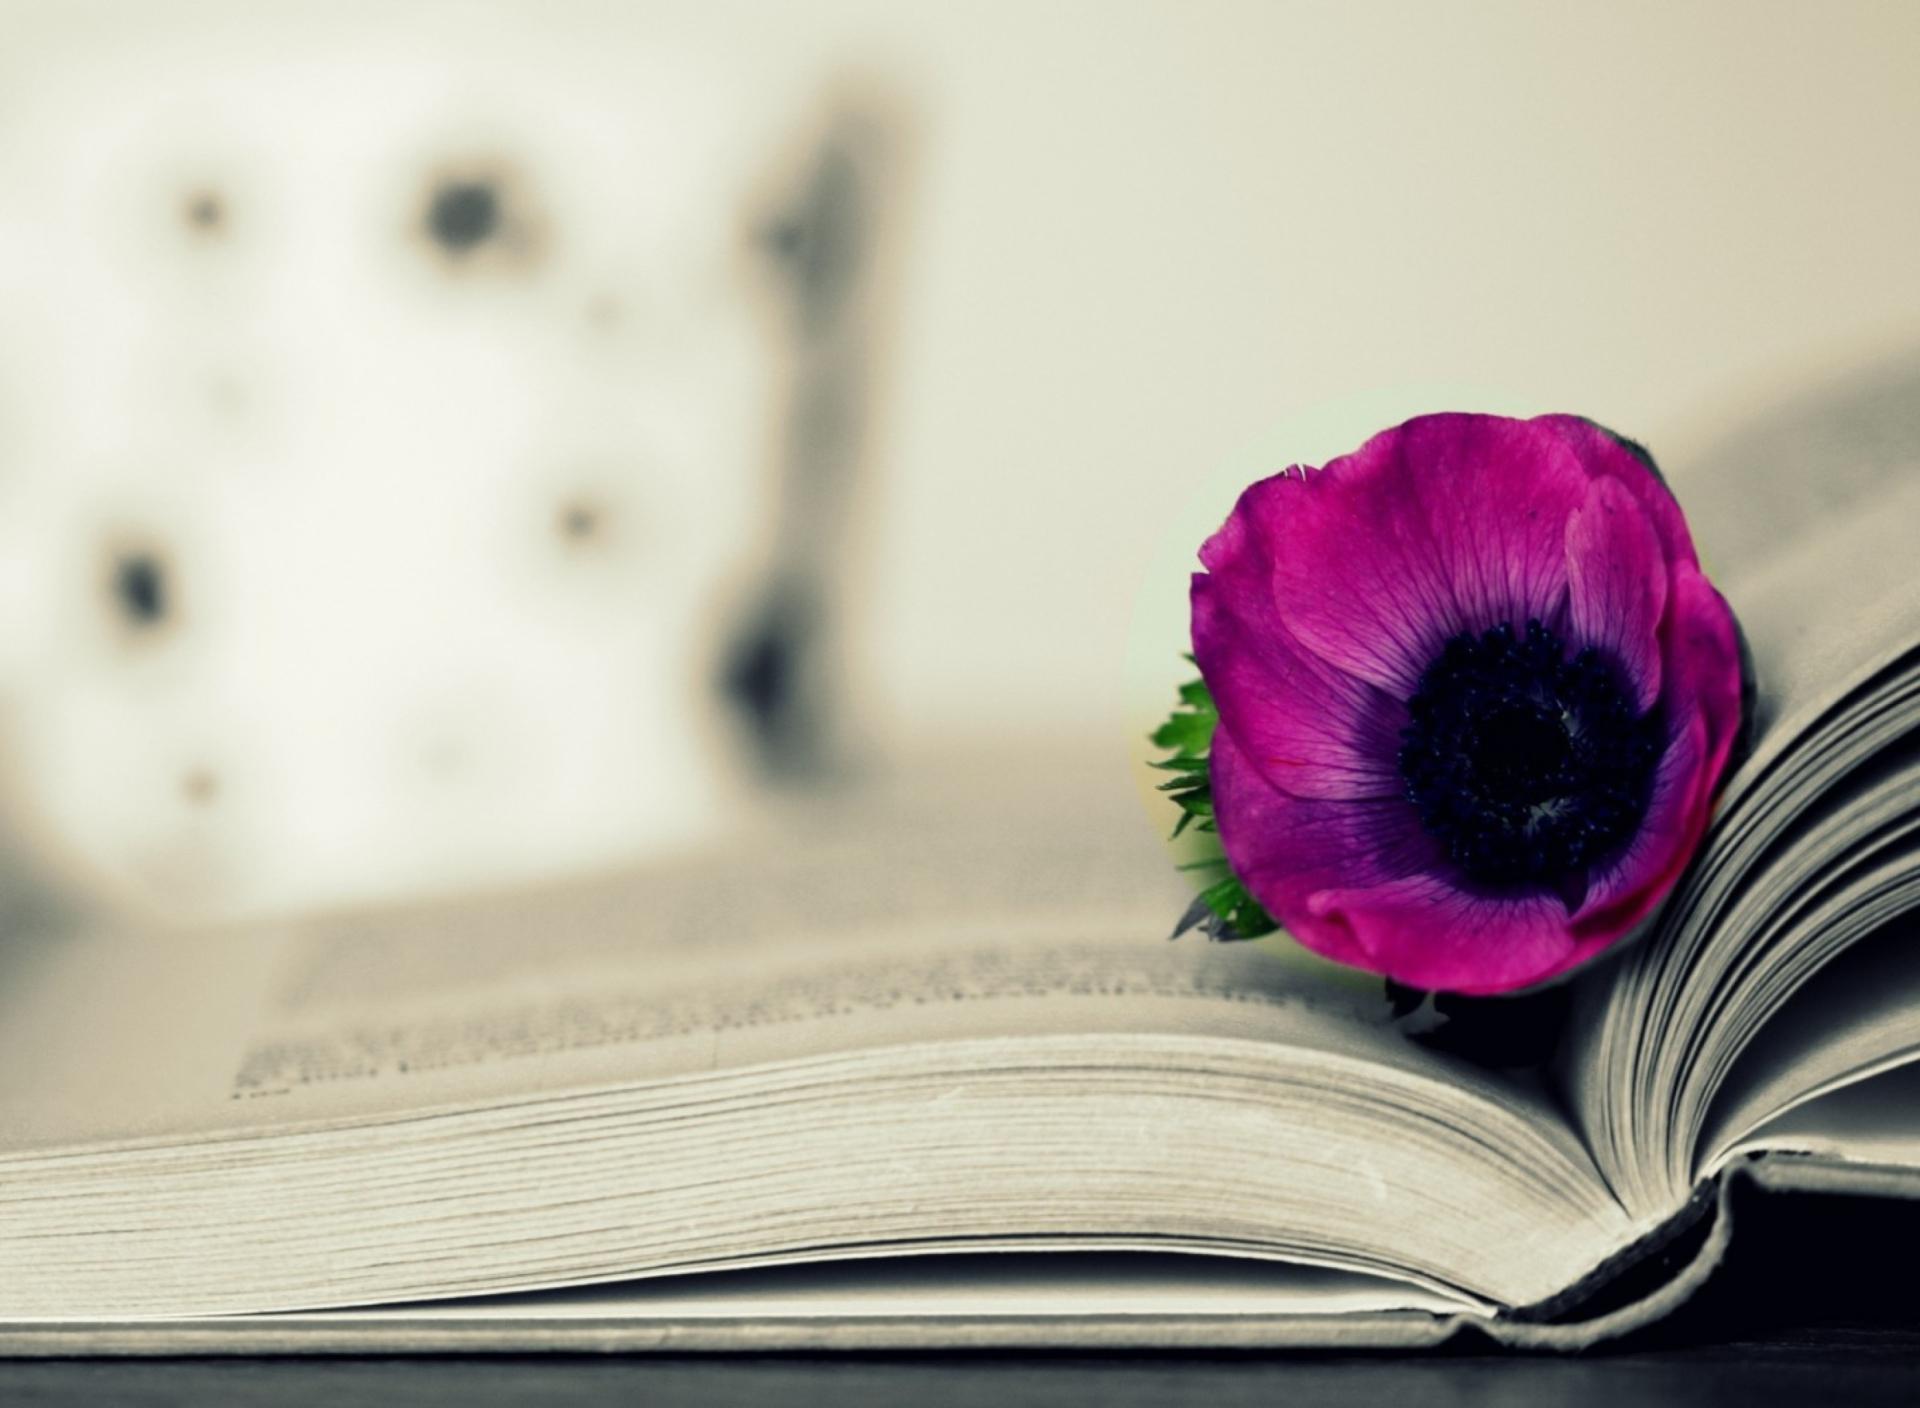 Purple Flower On Open Book Wallpaper for Kindle Fire HD 1920x1408